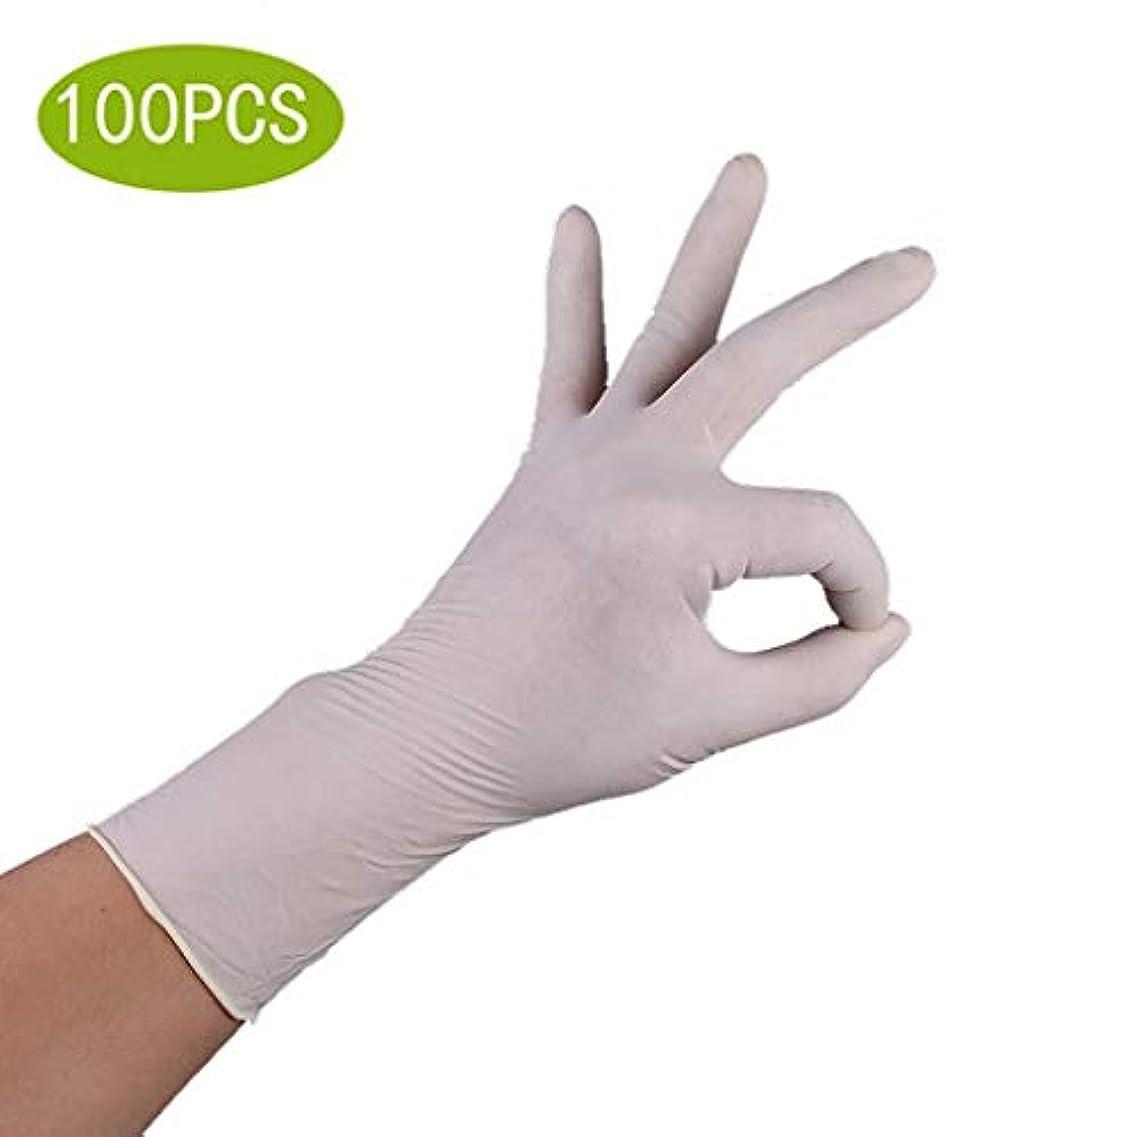 使い捨て手袋食品ケータリング手術丁清ゴムラテックススキンキッチン厚い試験/食品グレード安全用品、使い捨て手袋ディスペンサー[100個] (Size : L)